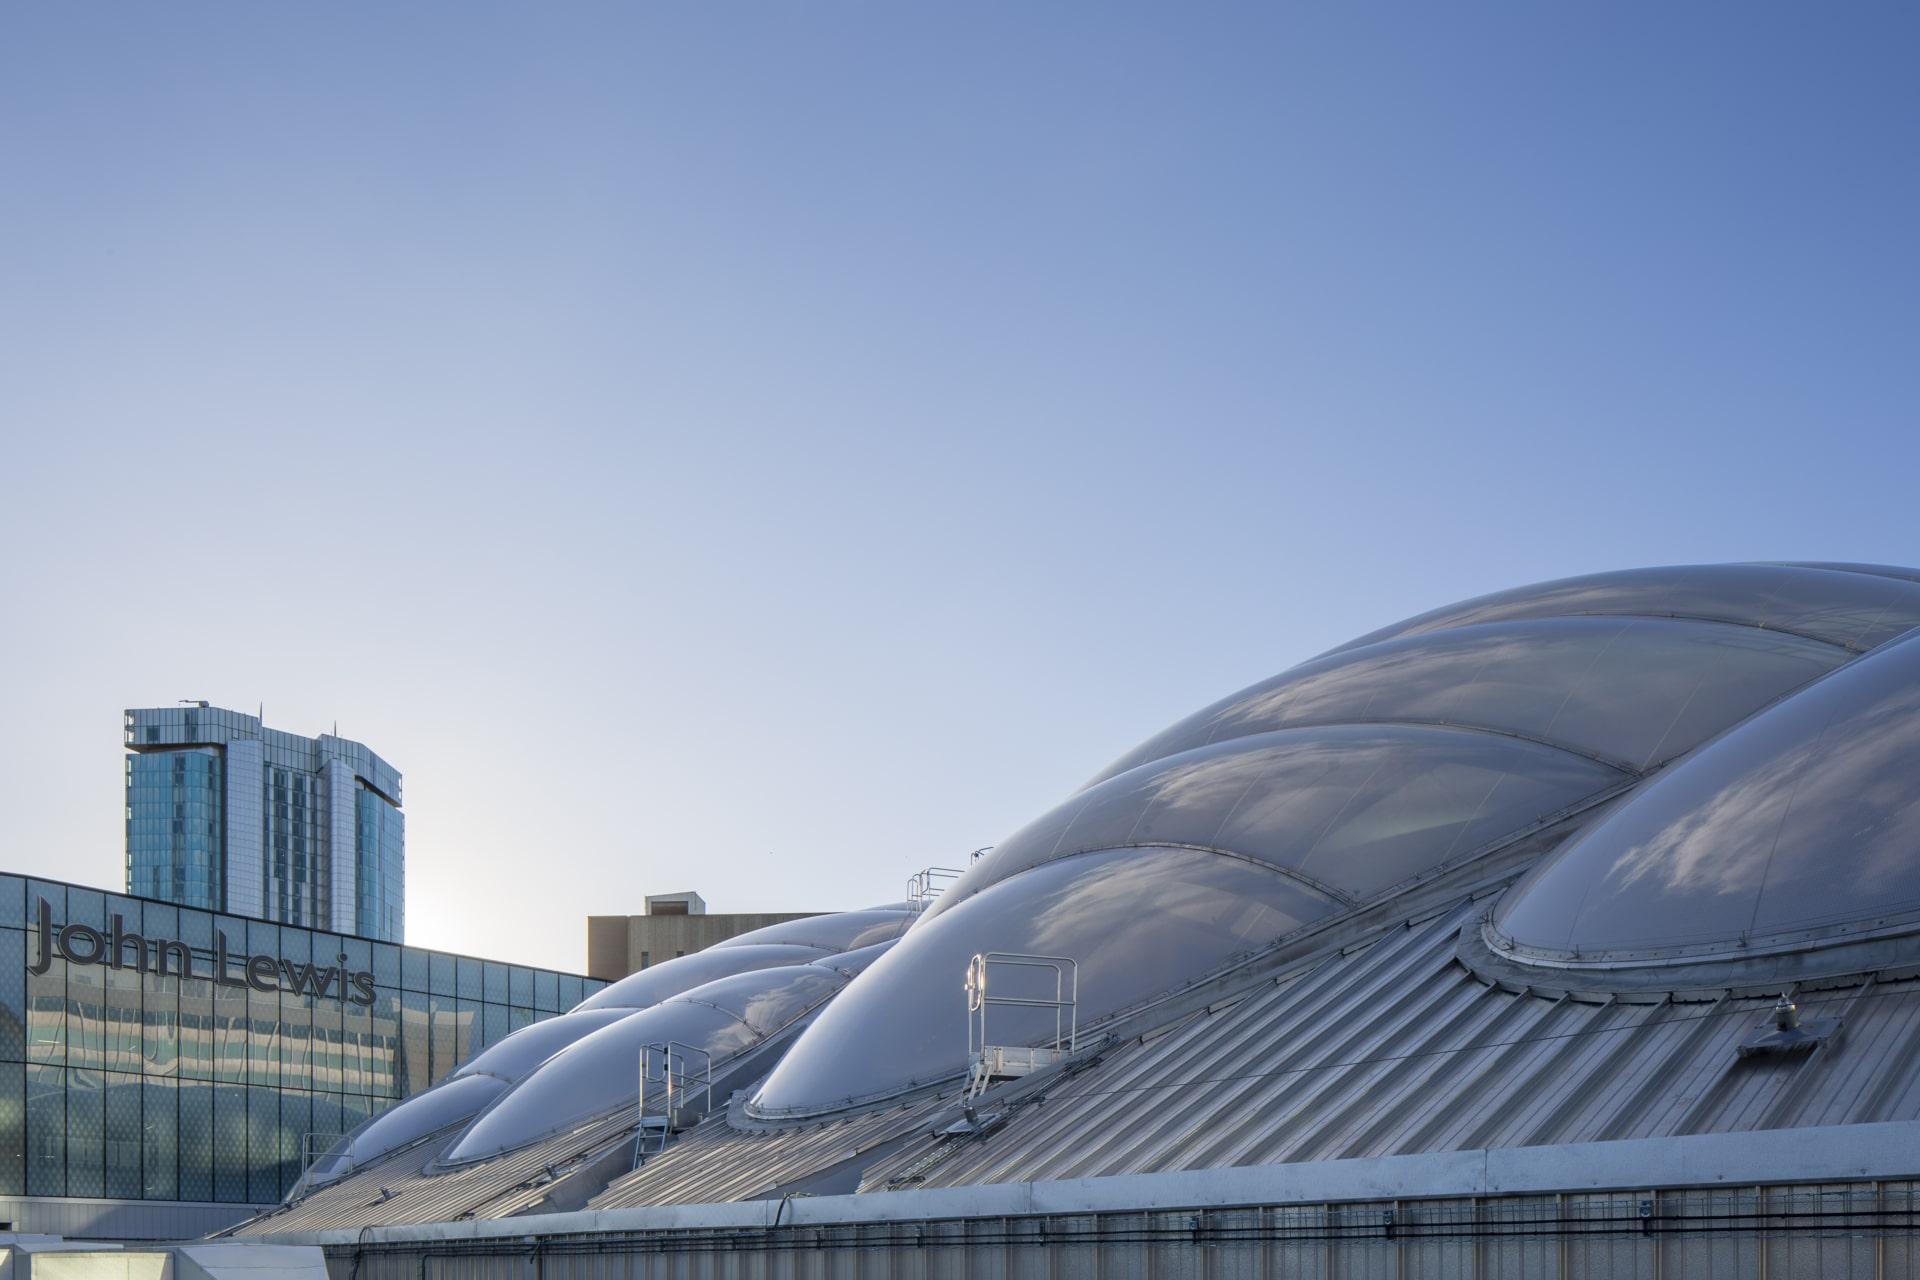 Das Texlon® ETFE Atrium - Außenansicht.